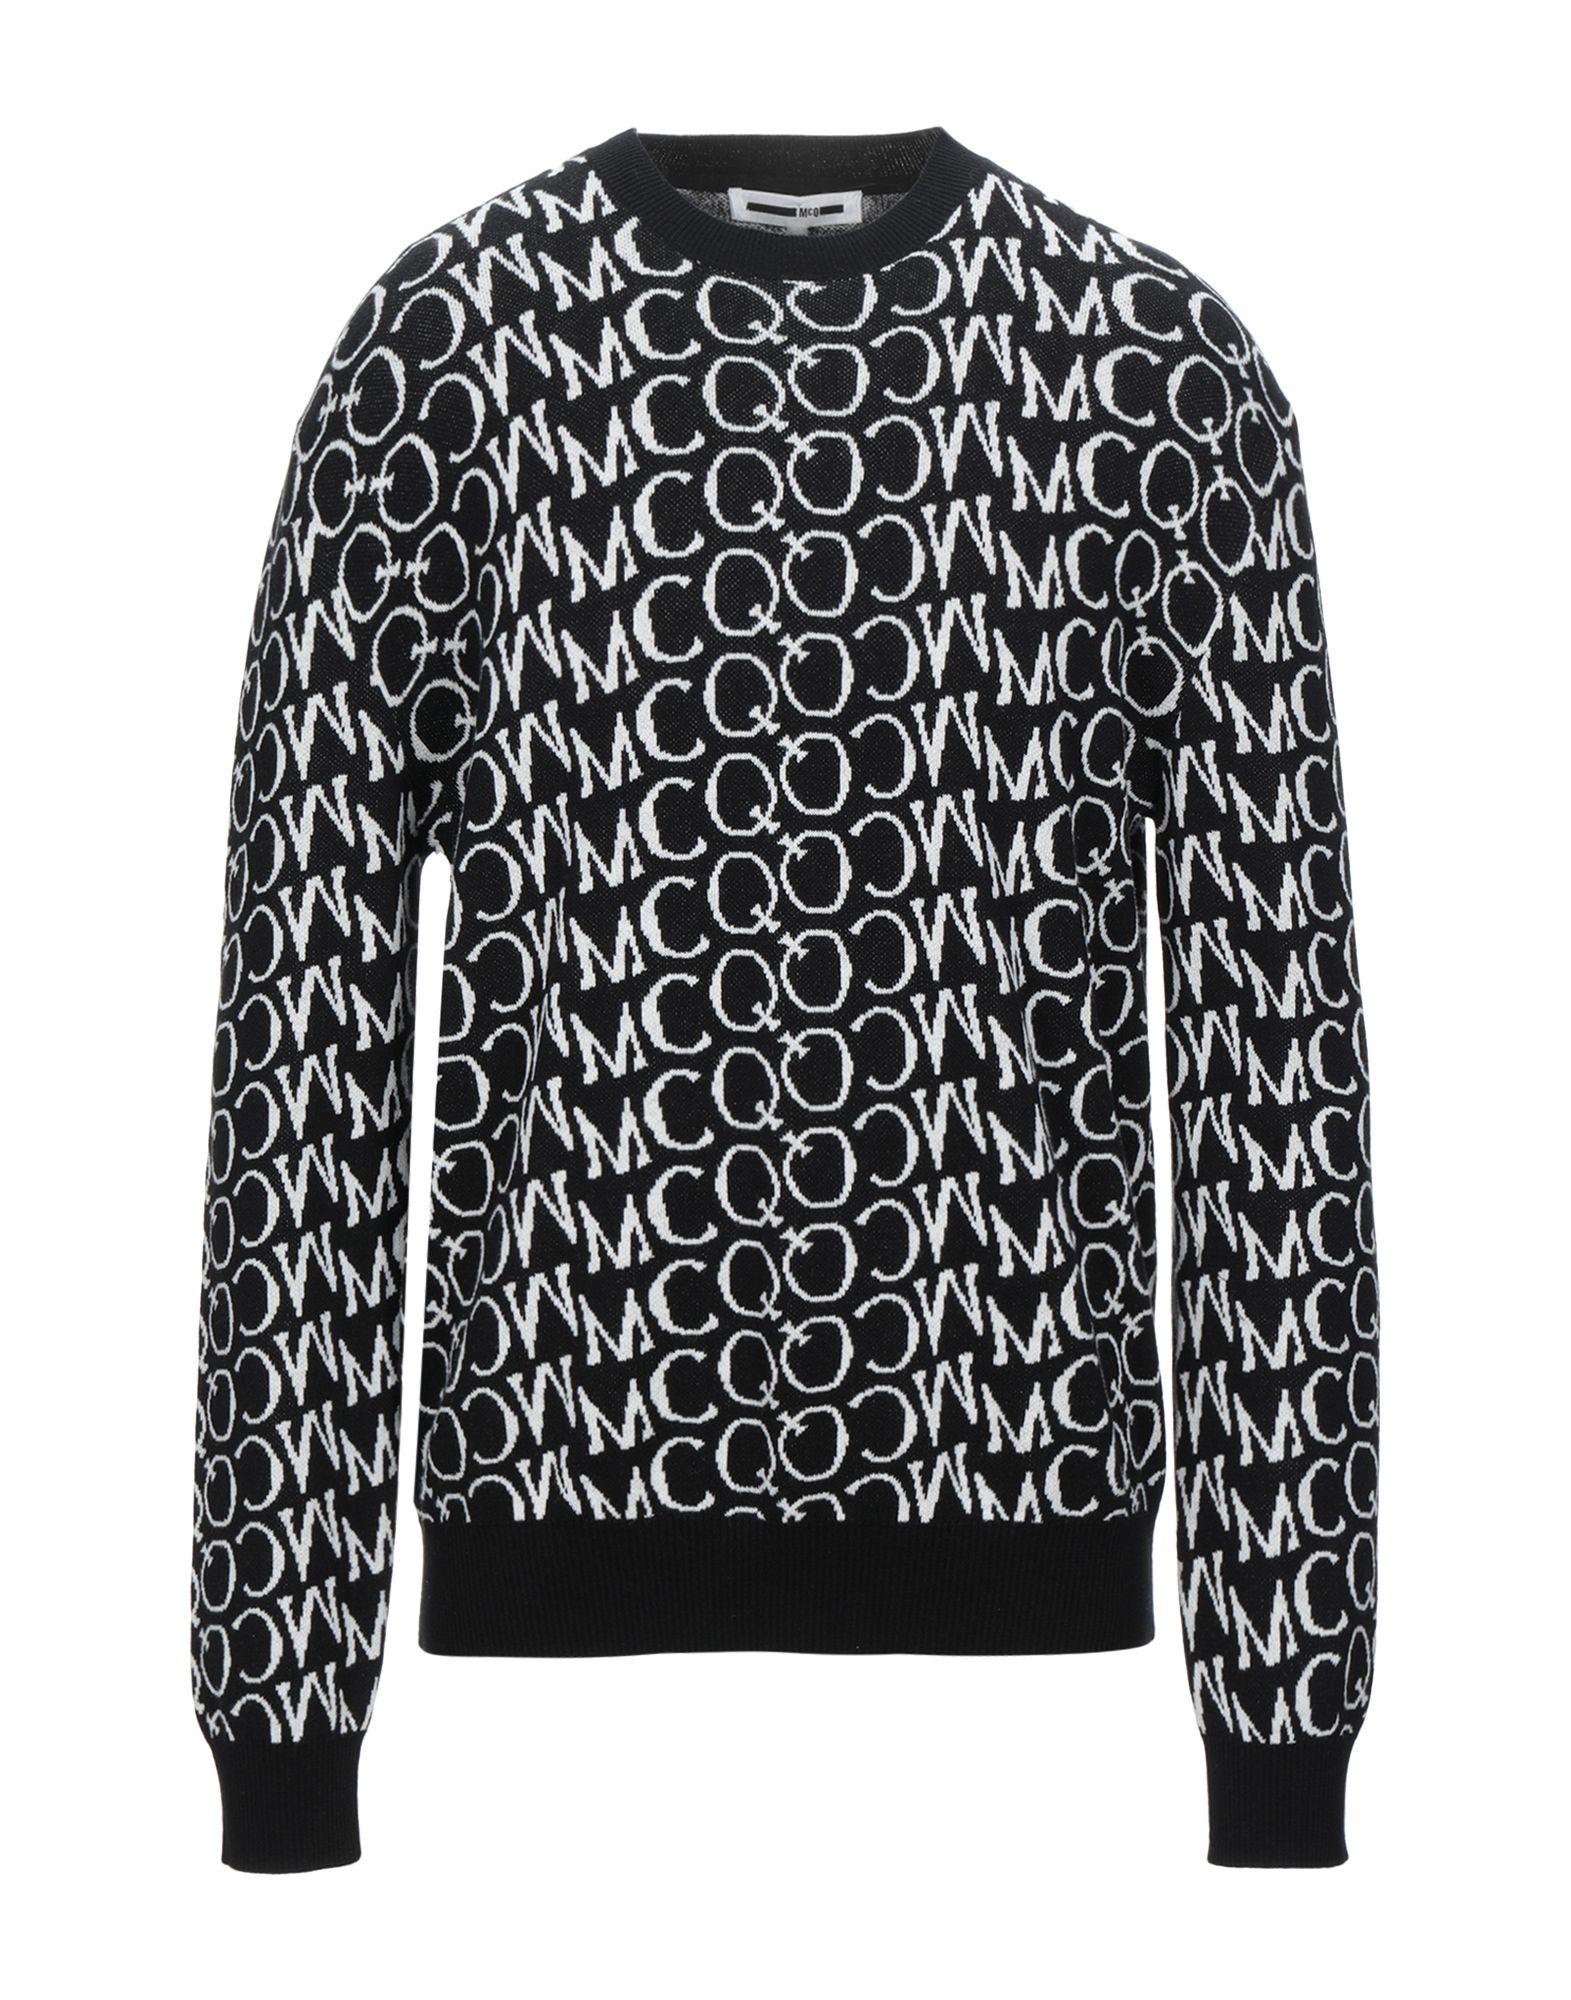 McQ Alexander McQueen Sweaters - Item 14084428